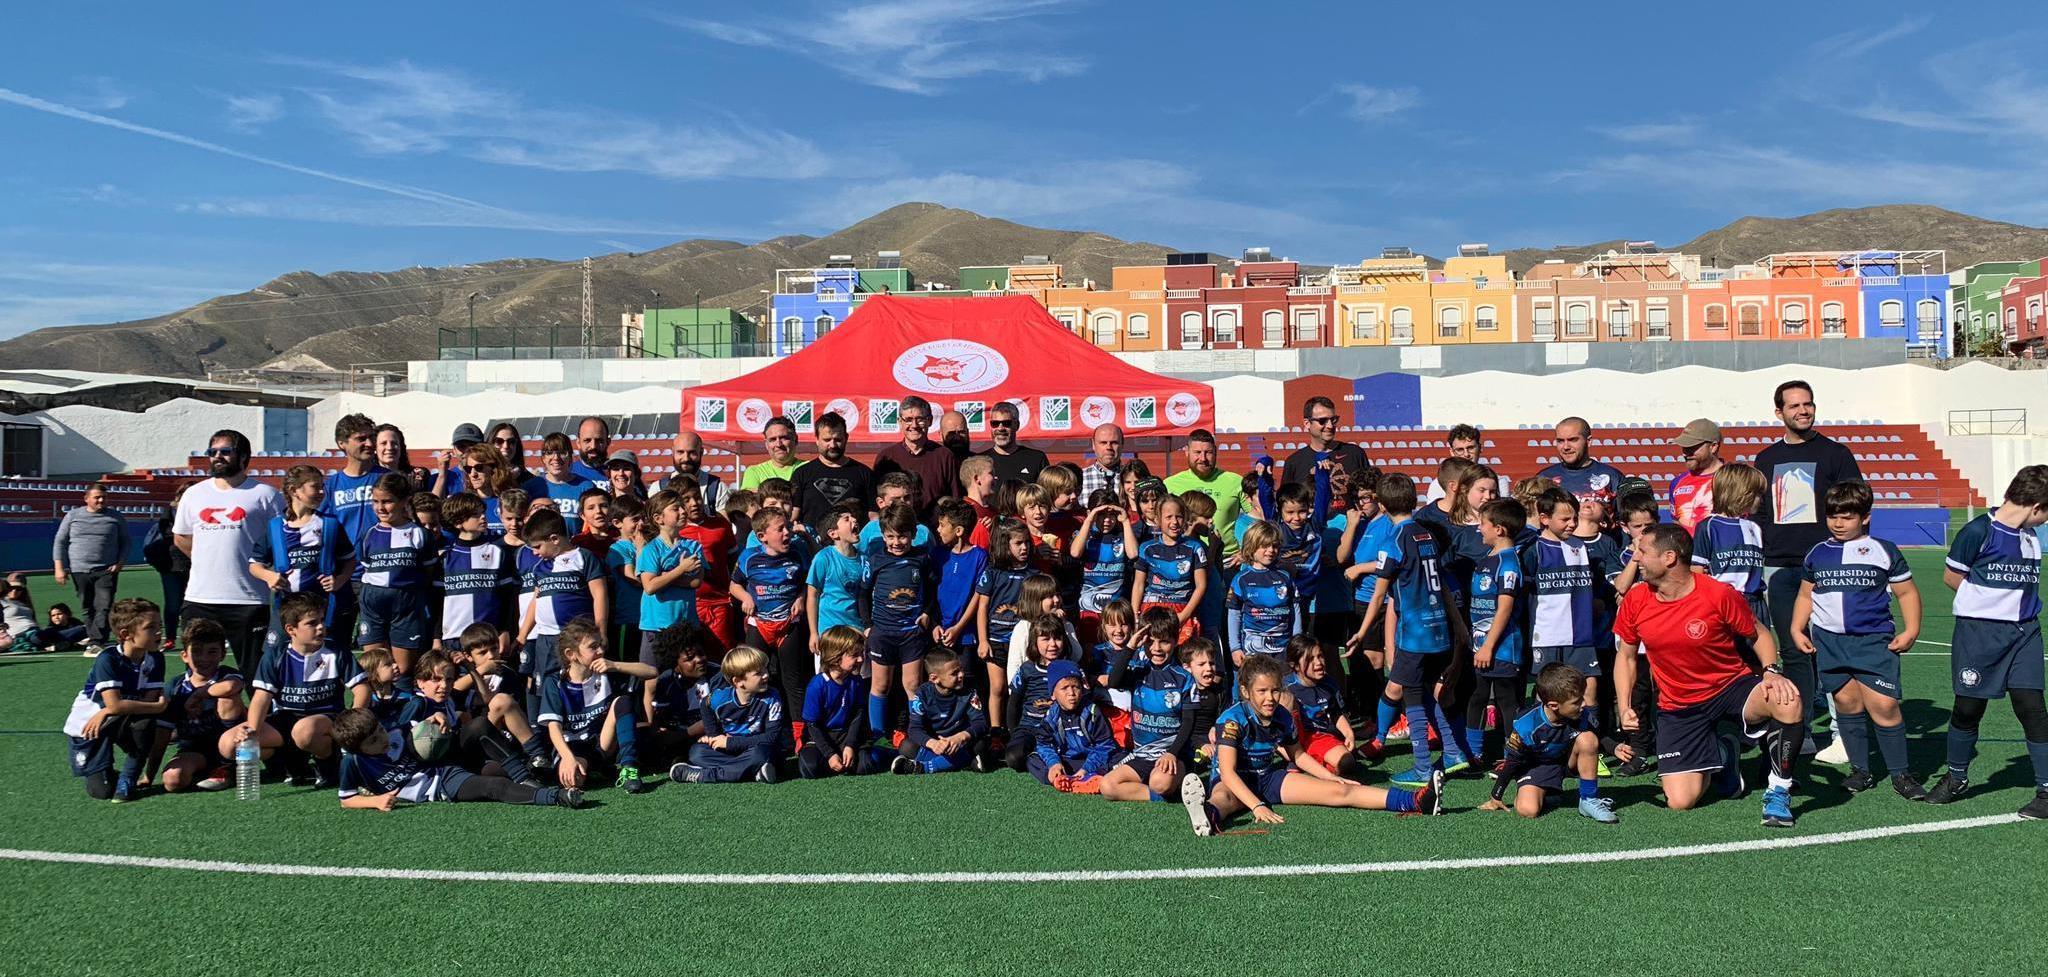 """Photo of El C.D. Marrajos Rugby celebra su I Trofeo Benéfico para que """"ningún niño se quede sin regalo en Navidad"""""""